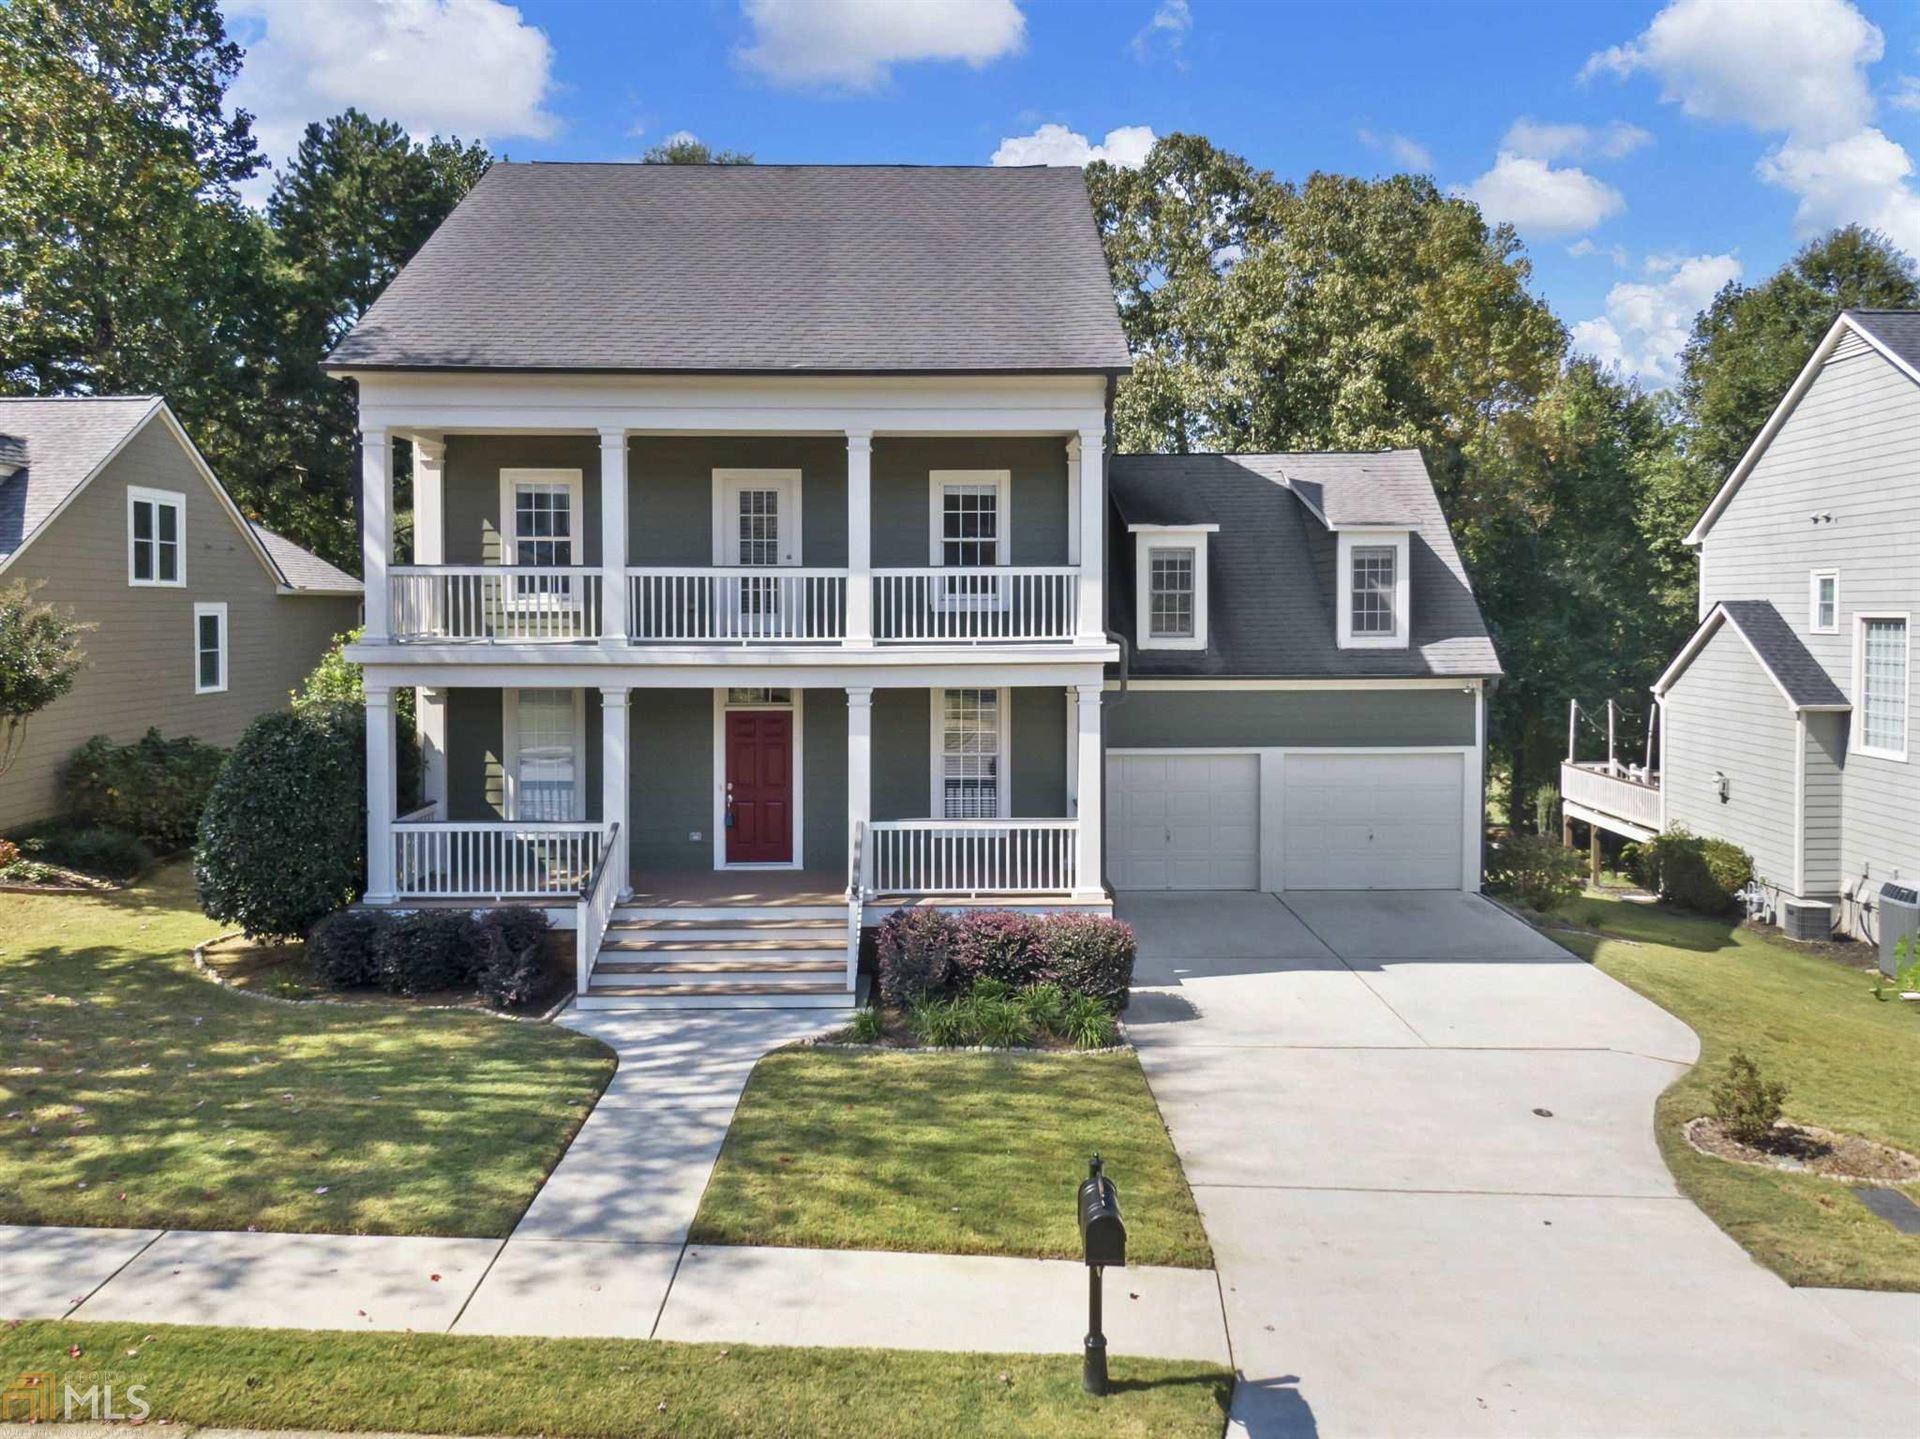 5762 Porch Swing Pl, Hoschton, GA 30548 - MLS#: 8869629